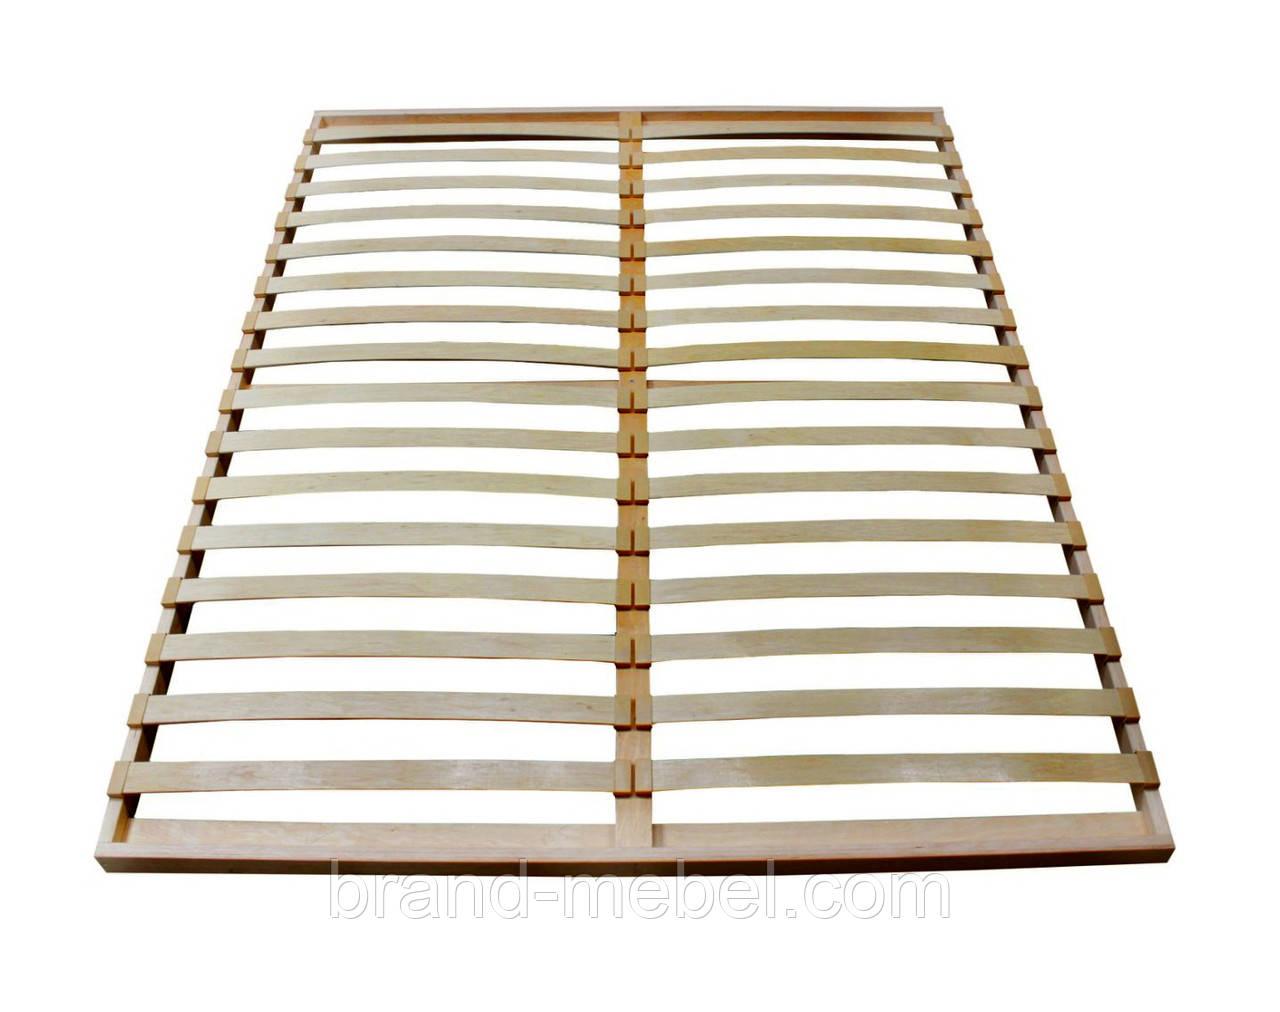 Каркас ліжка дерев'яний розбірний 190*160см